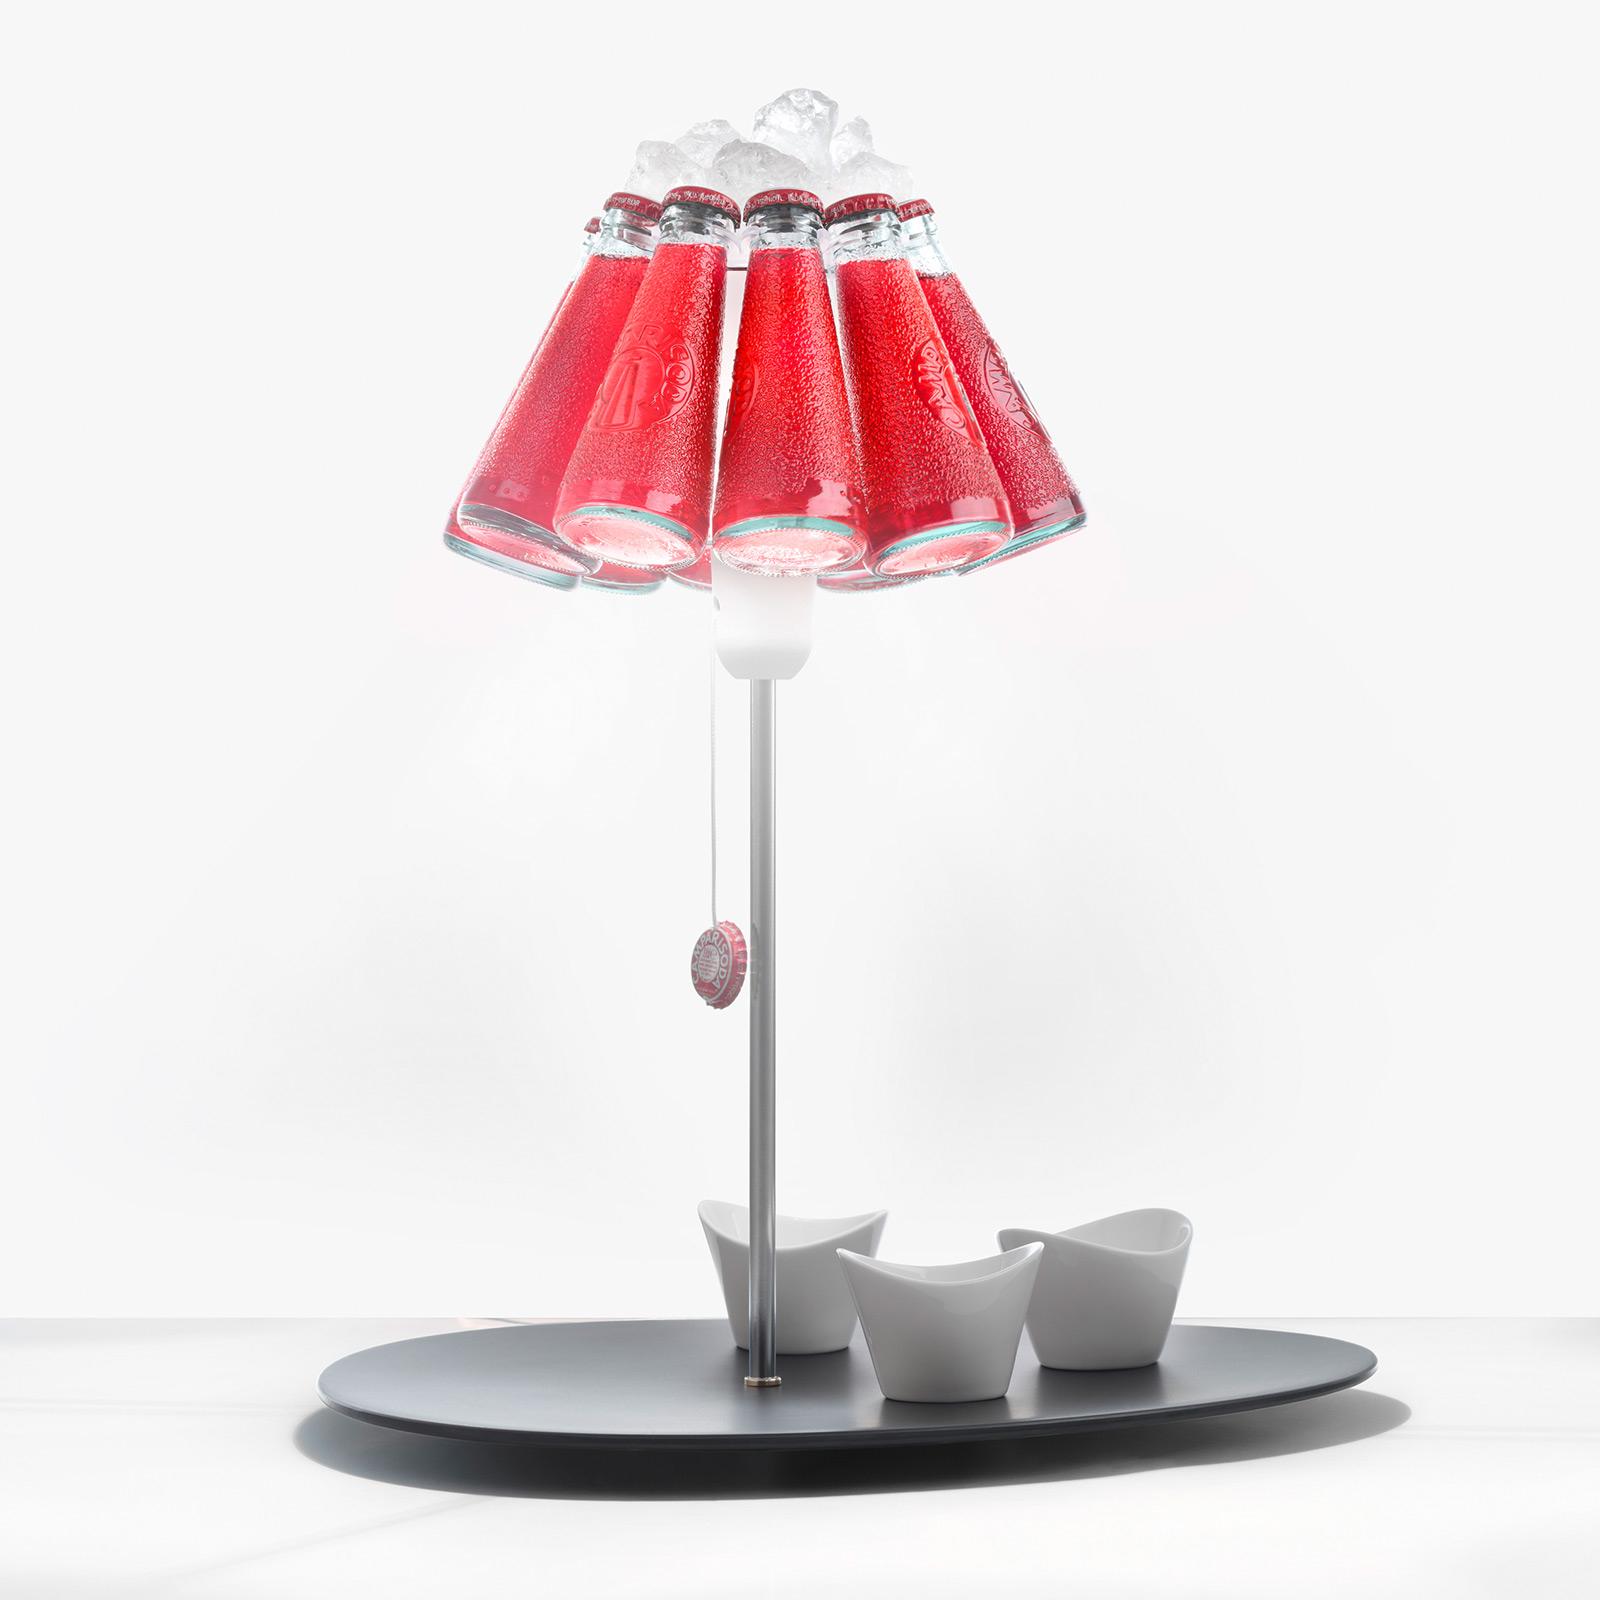 Ingo Maurer Campari Bar bordlampe af flasker